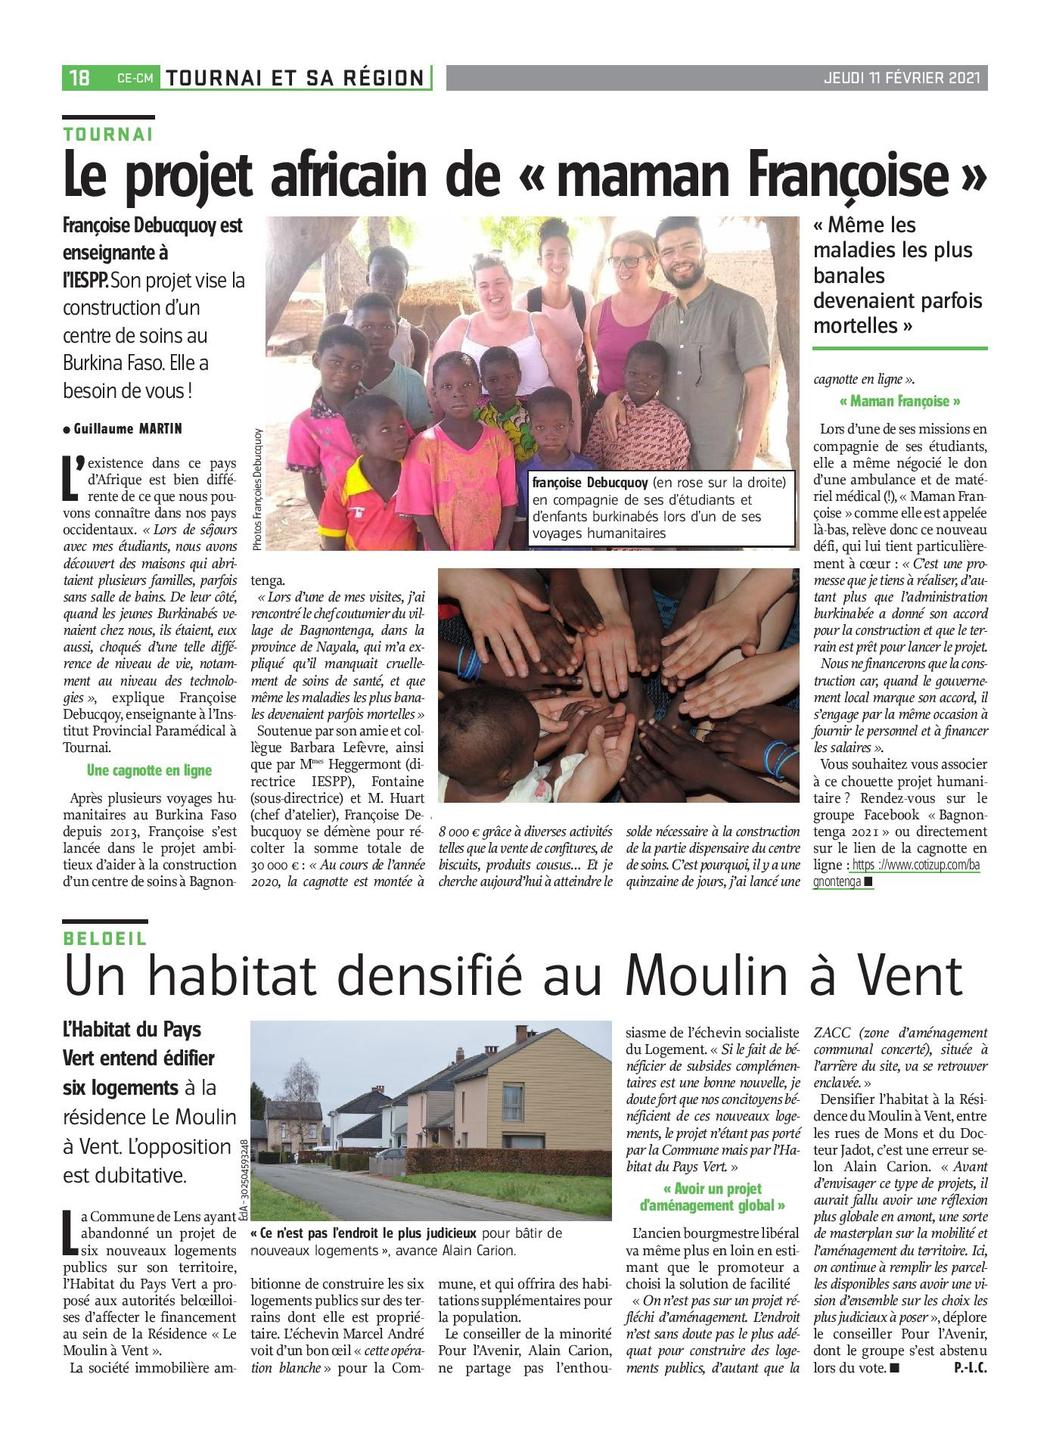 cagnotte en ligne : Le projet africain de